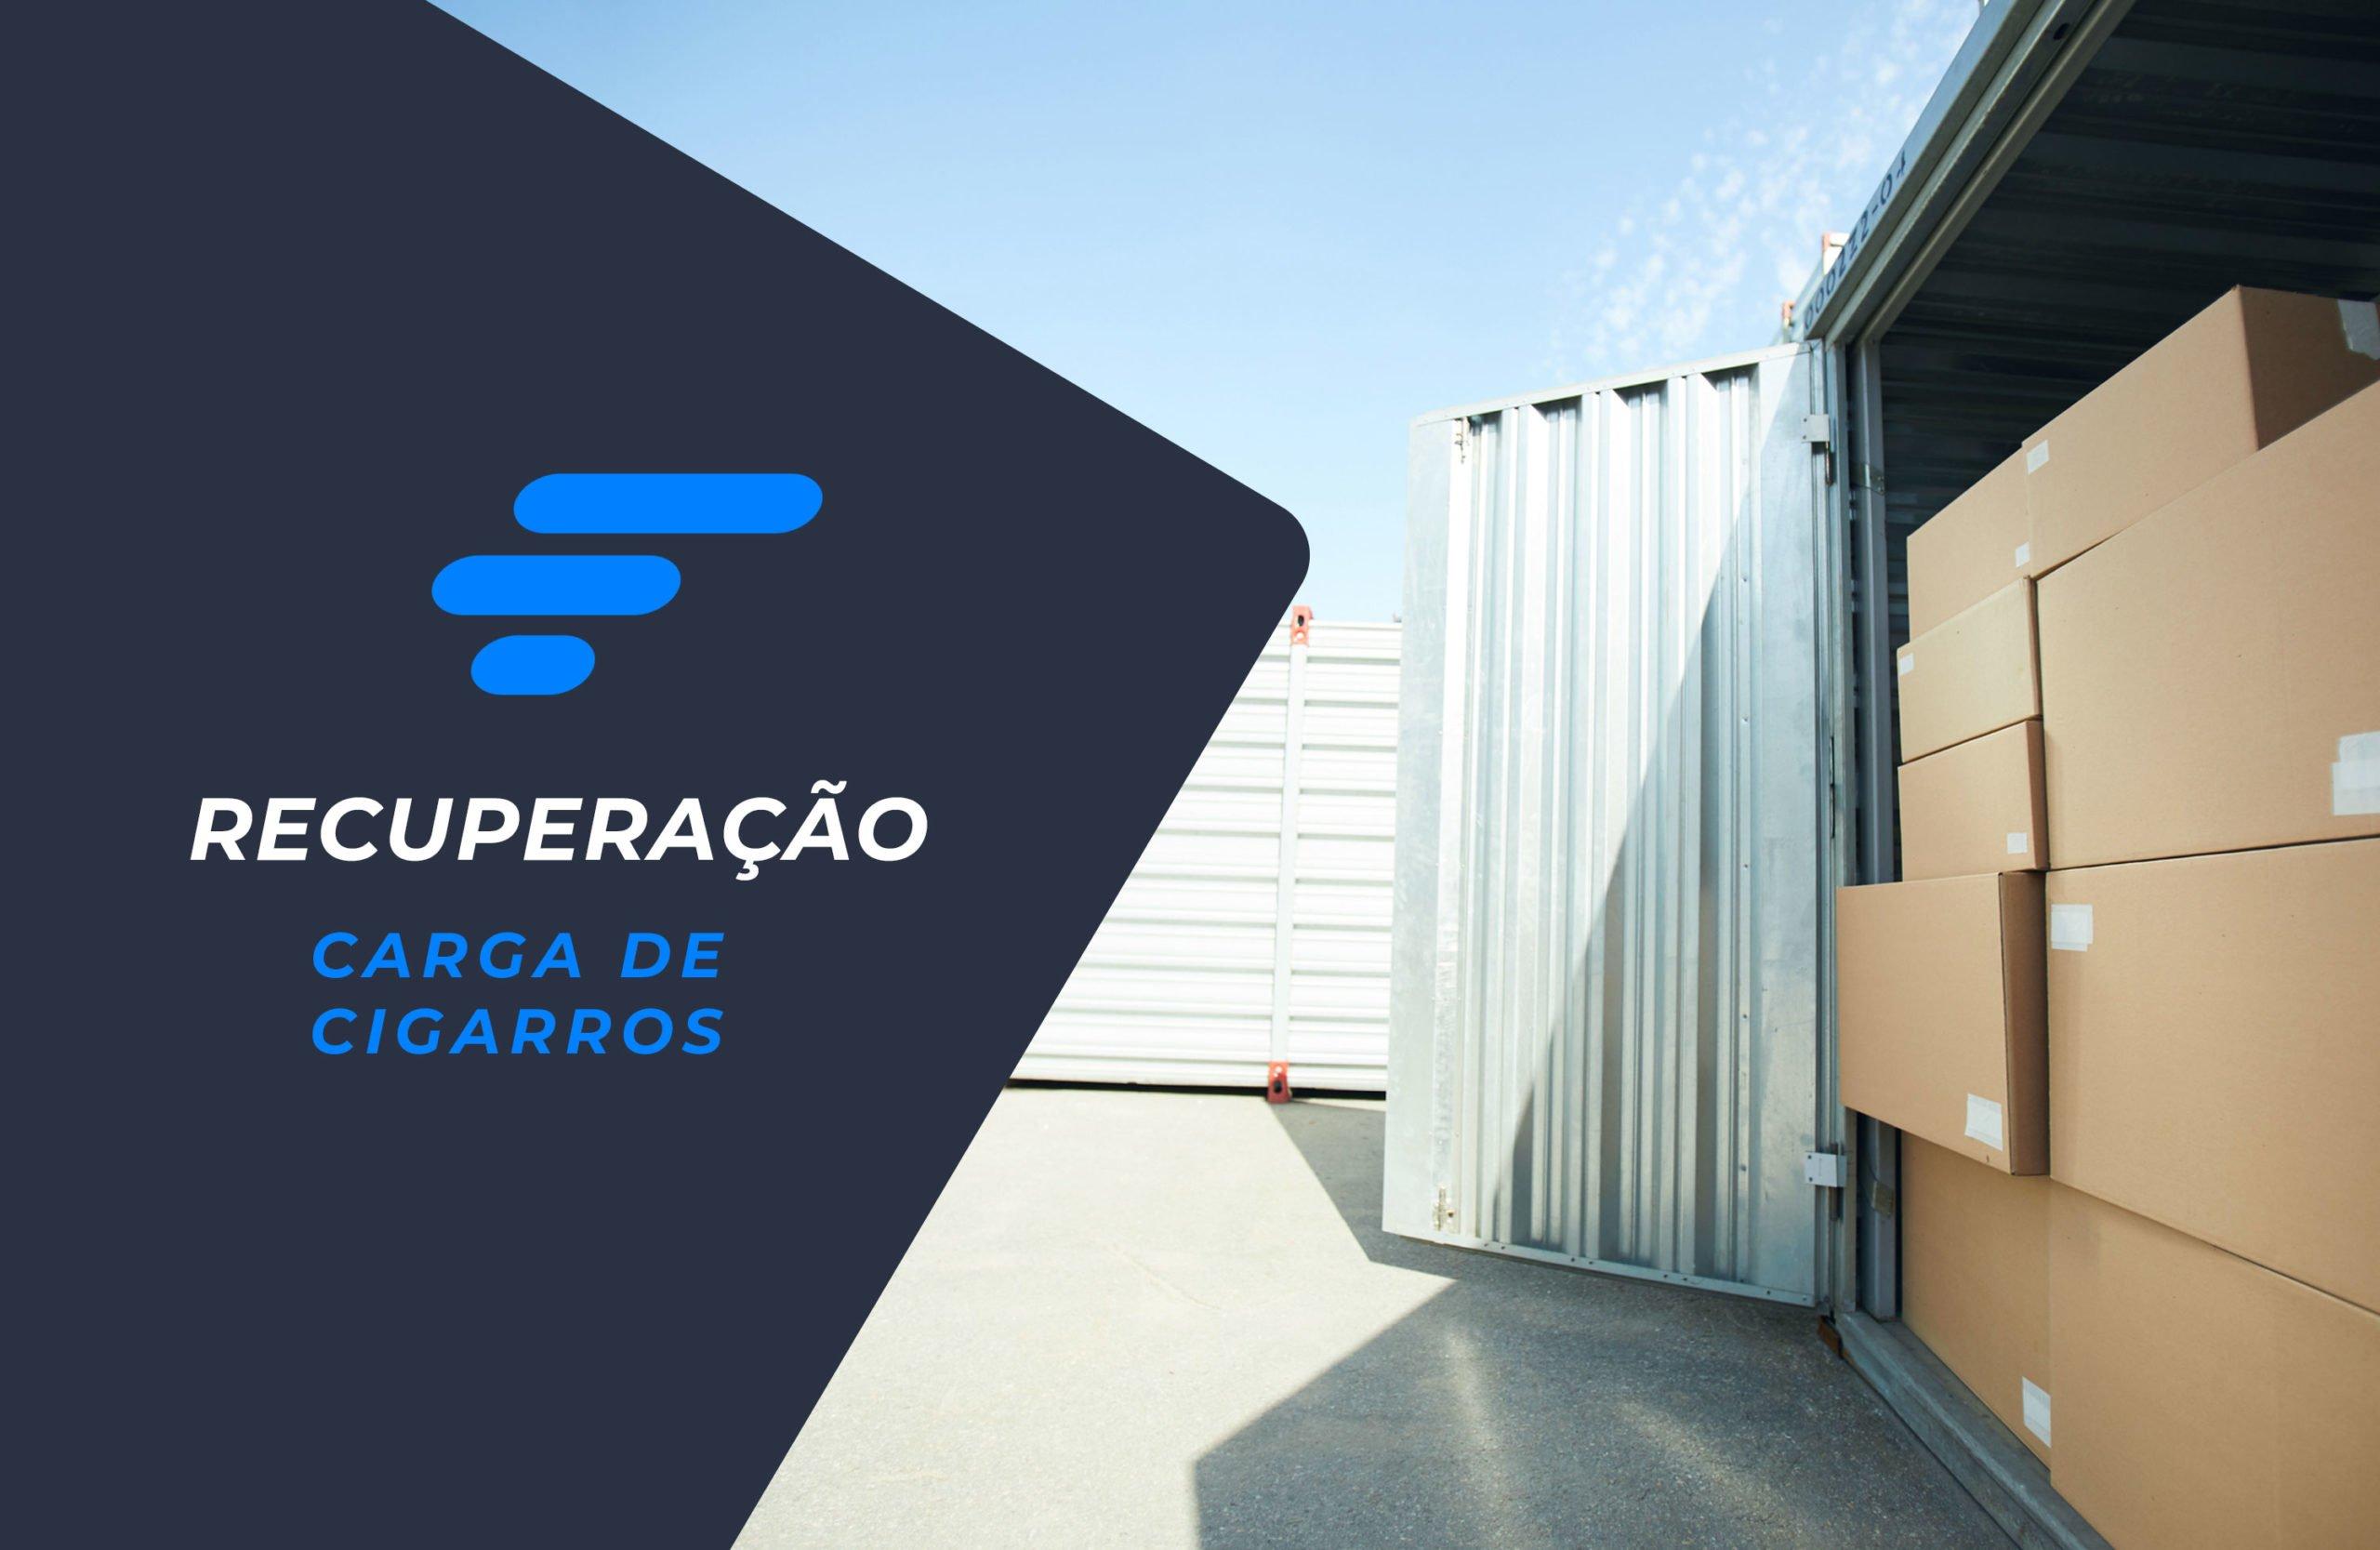 Skymark Gerenciamento de Riscos recupera carga de cigarros em Gravataí – RS